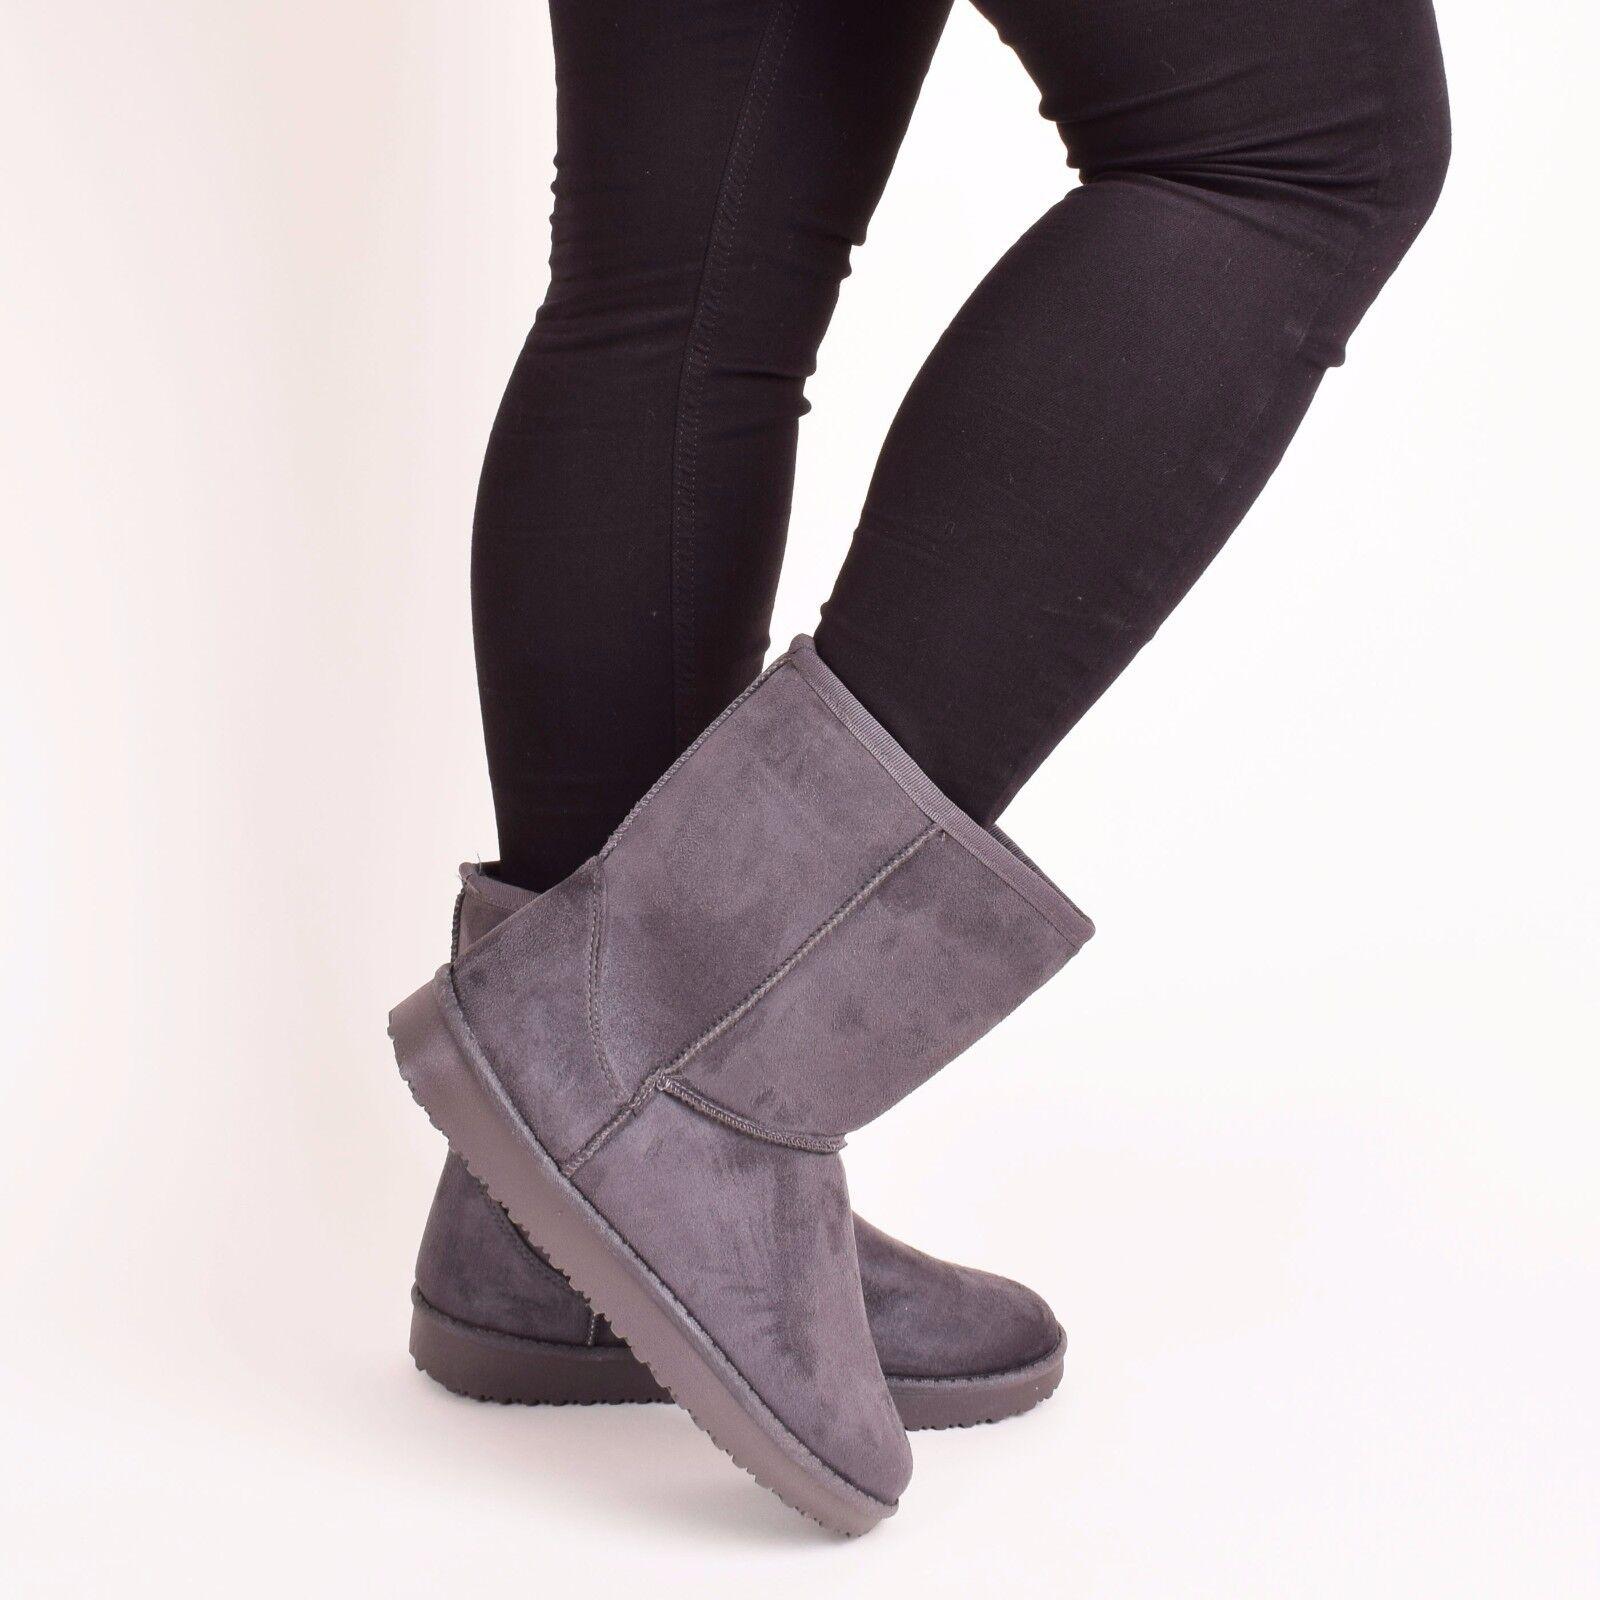 Ladies Mujer Fur Winter botas Snow Warm Fur Mujer Comfy Casual Mid Calf  Zapatos  Size 3-8 860c46